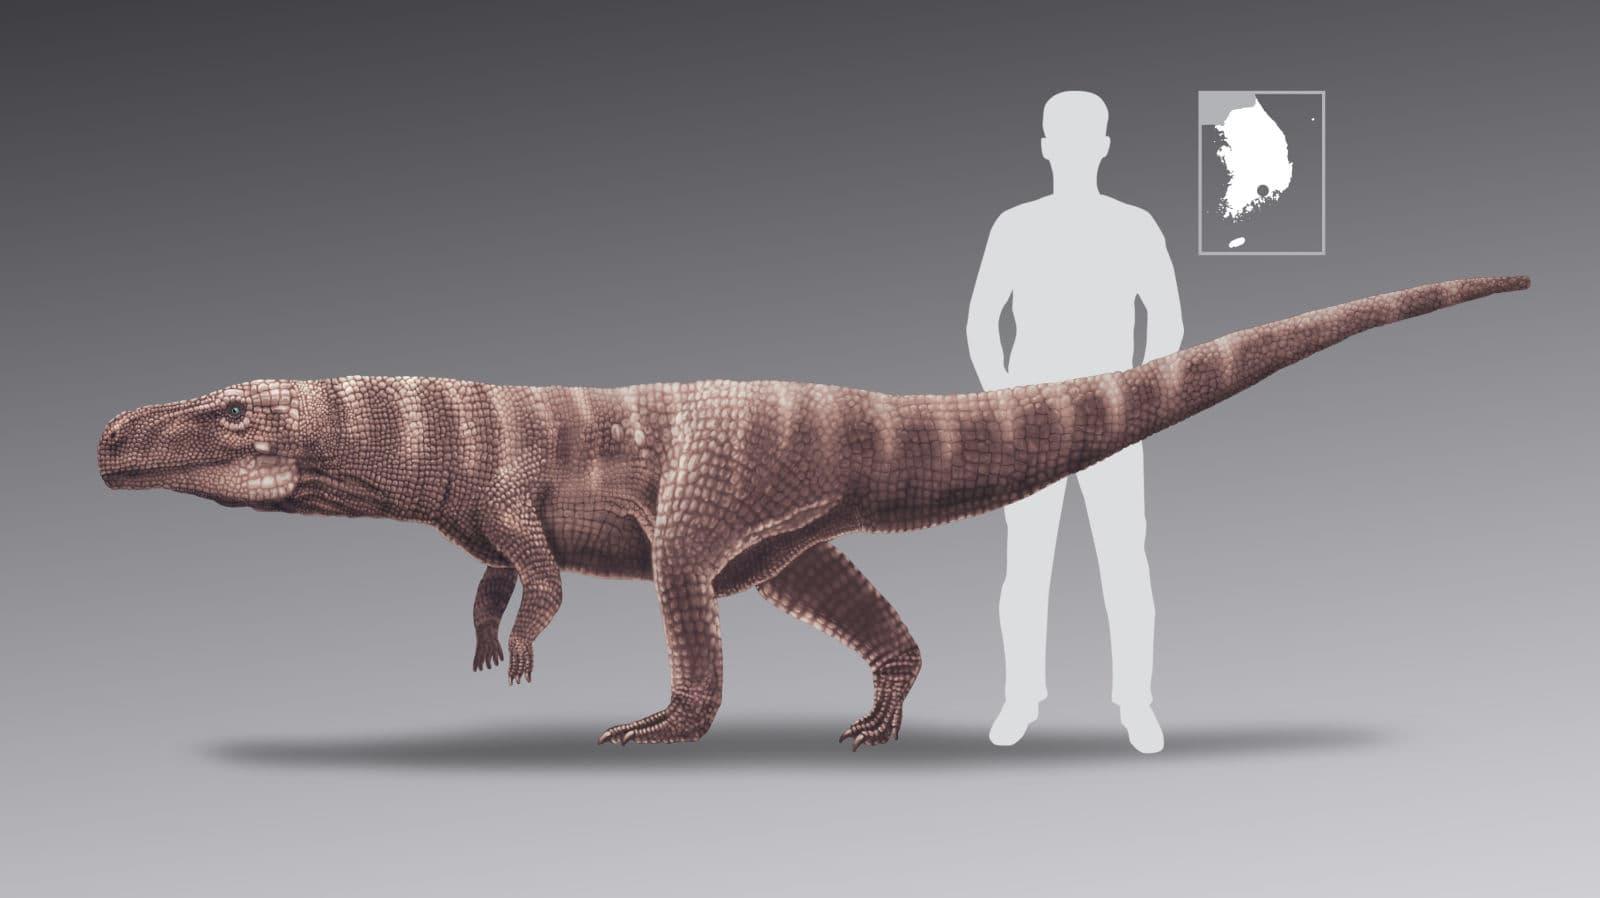 Batrachopus grandis, o crocodilo bípede, comparado a um humano